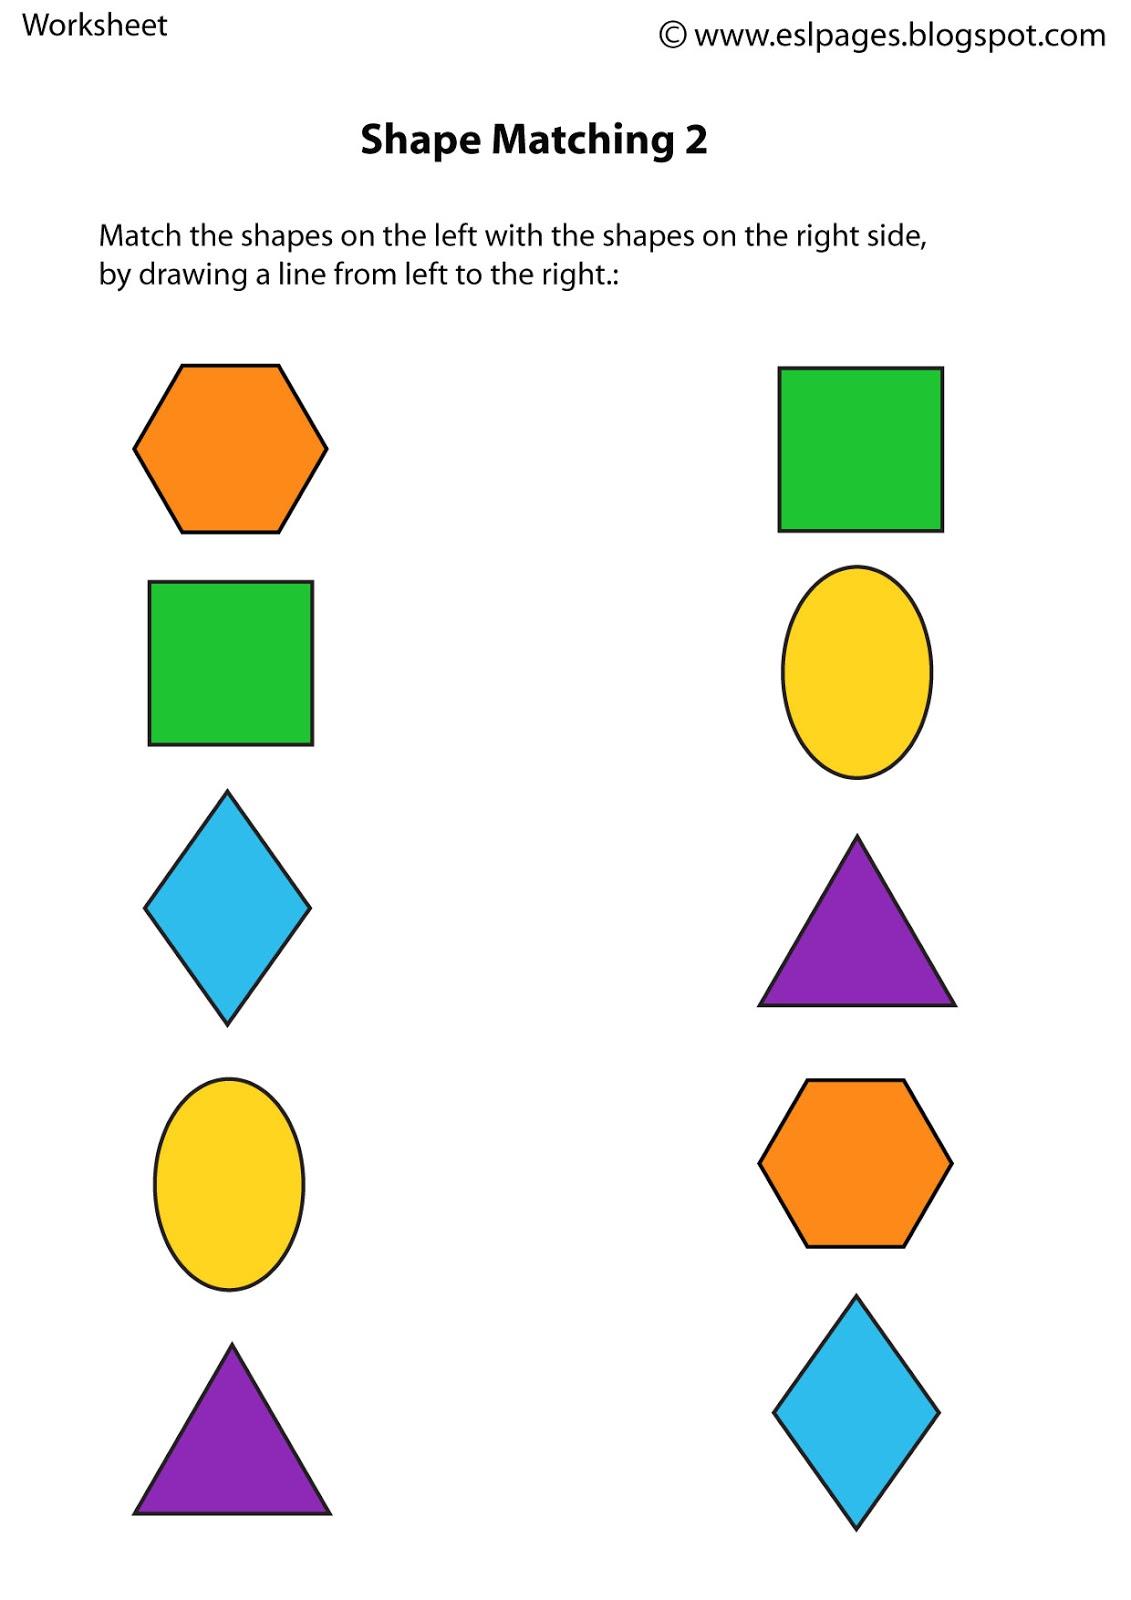 Worksheet Matching Same Color